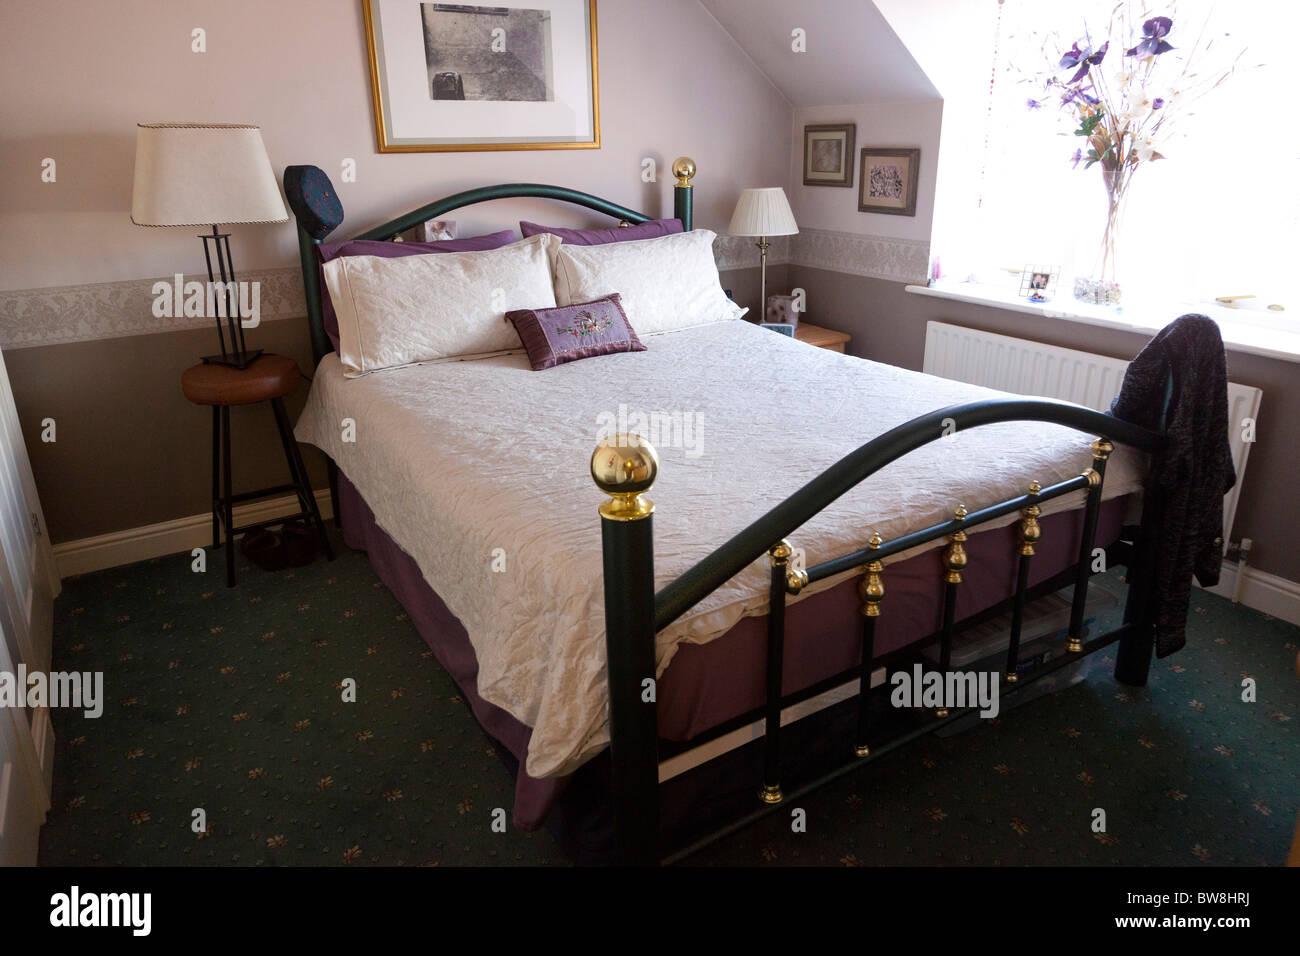 dormitorio Imagen De Stock